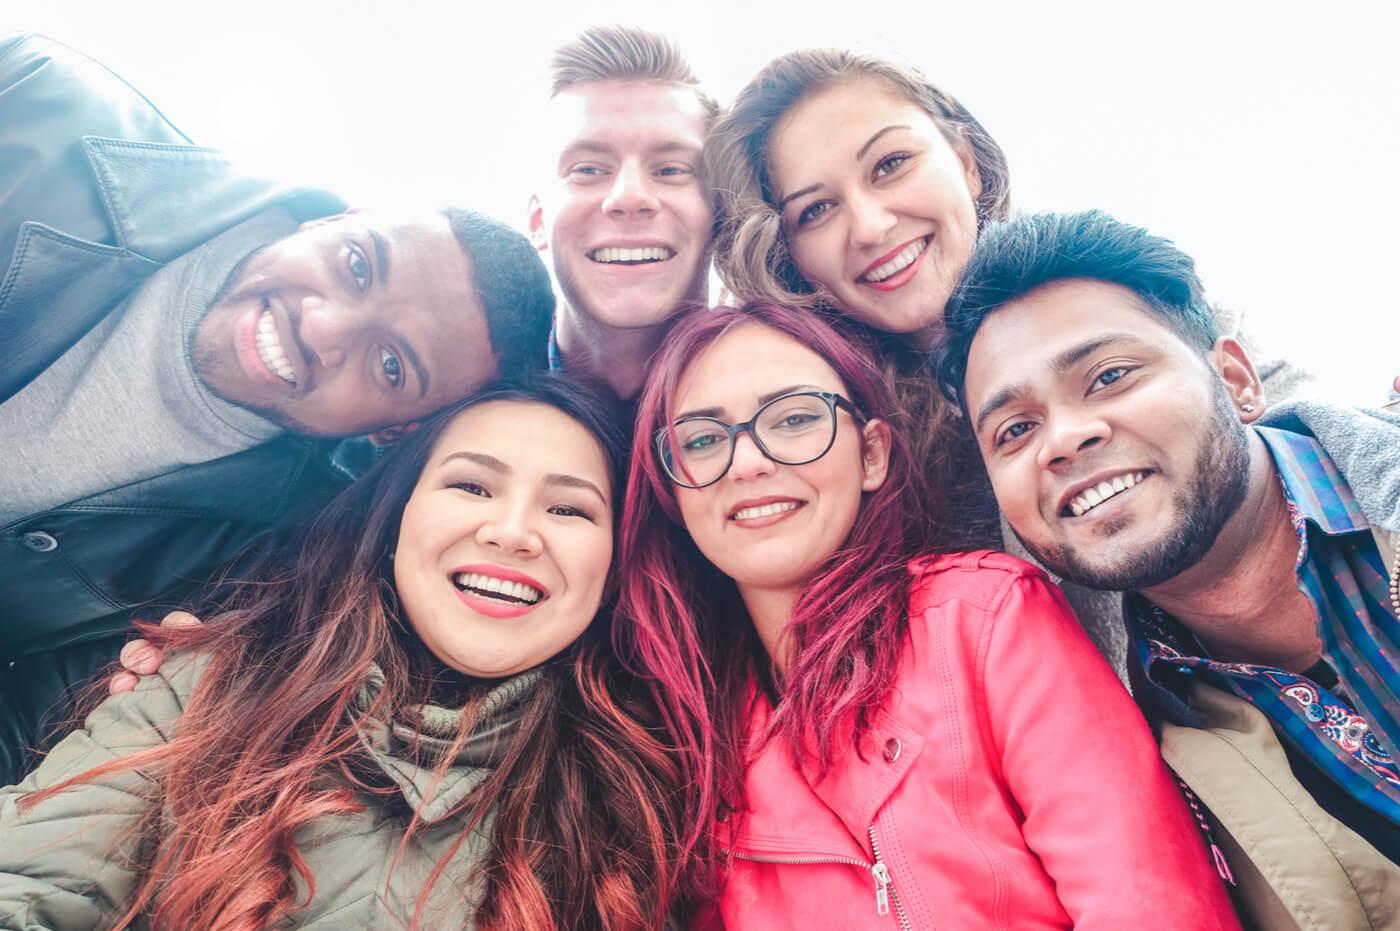 Kollektiver Narzissmus – Gruppen, die sich selbst lieben